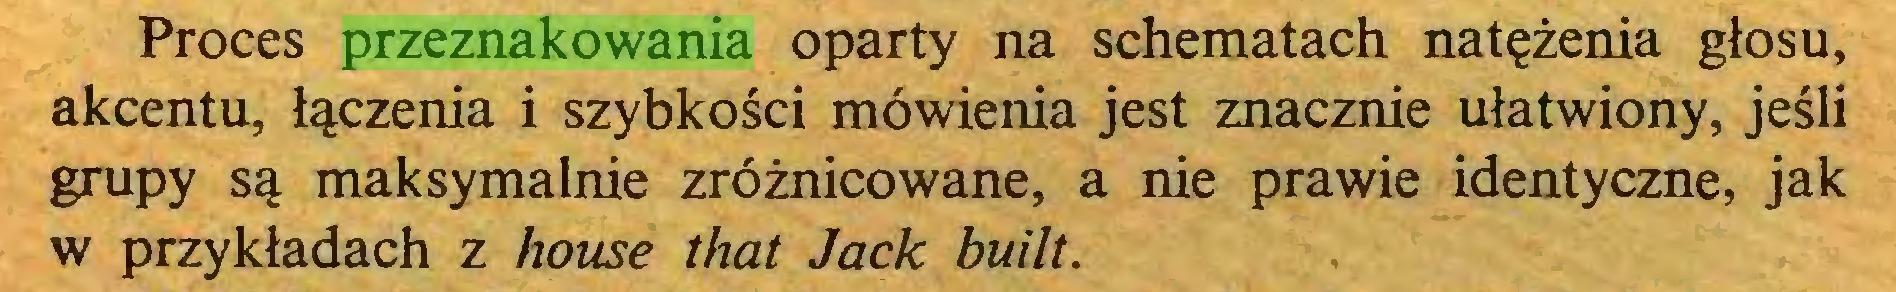 (...) Proces przeznakowania oparty na schematach nat?zenia gtosu, akcentu, t^czenia i szybkosci möwienia jest znacznie ulatwiony, jesli grupy Sc| maksymalnie zröznicowane, a nie prawie identyczne, jak w przyktadach z house that Jack built...